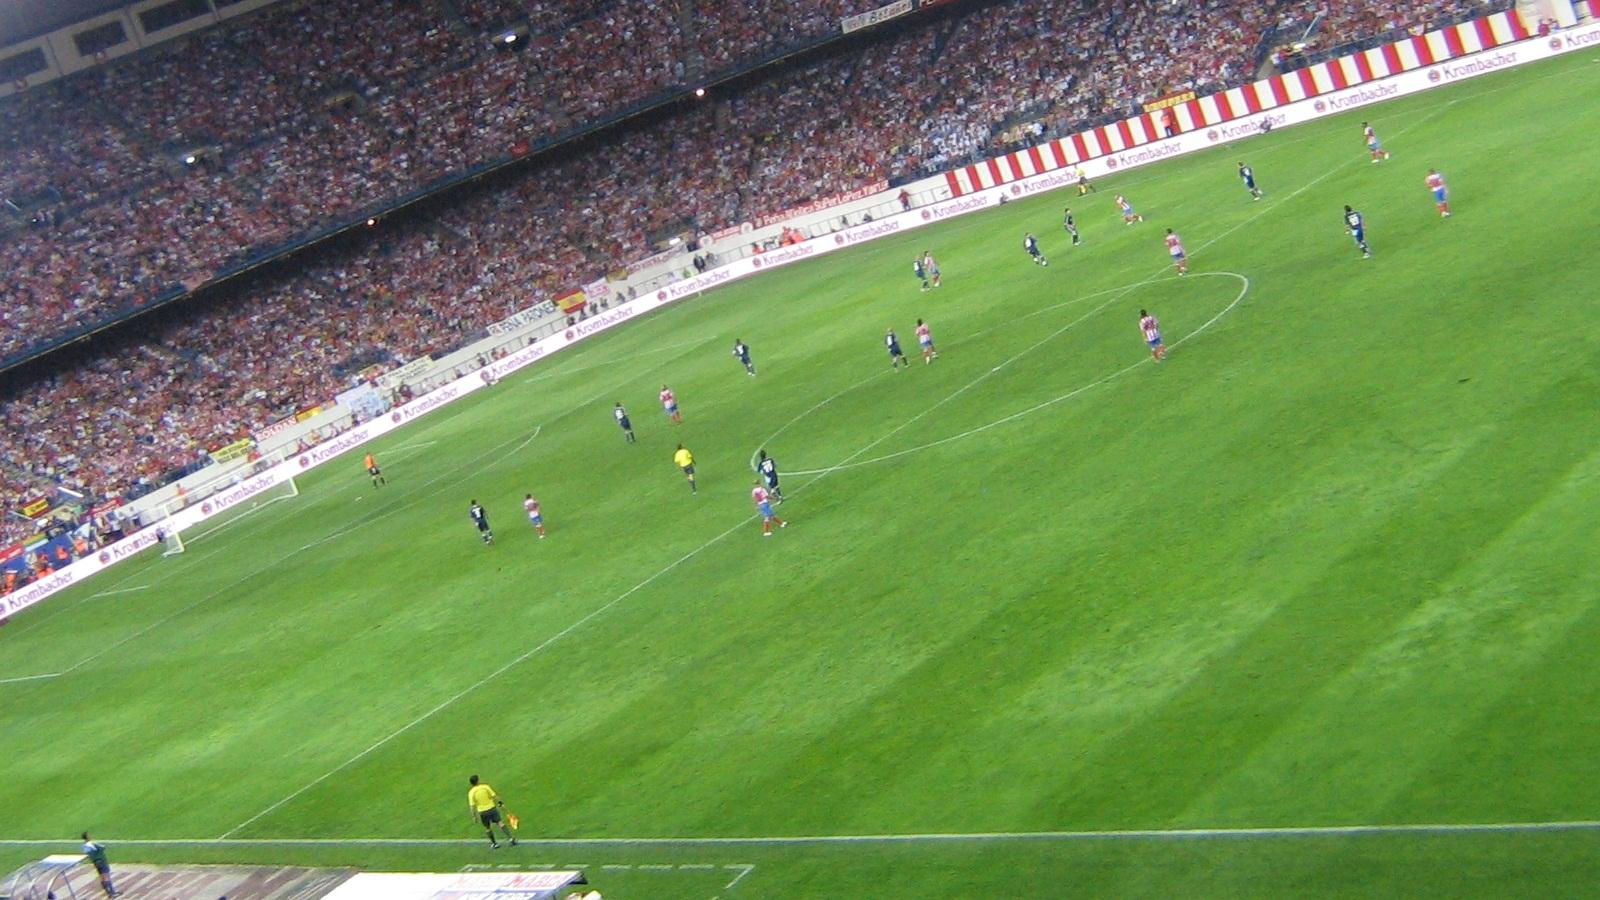 Imagen de un campo de futbol